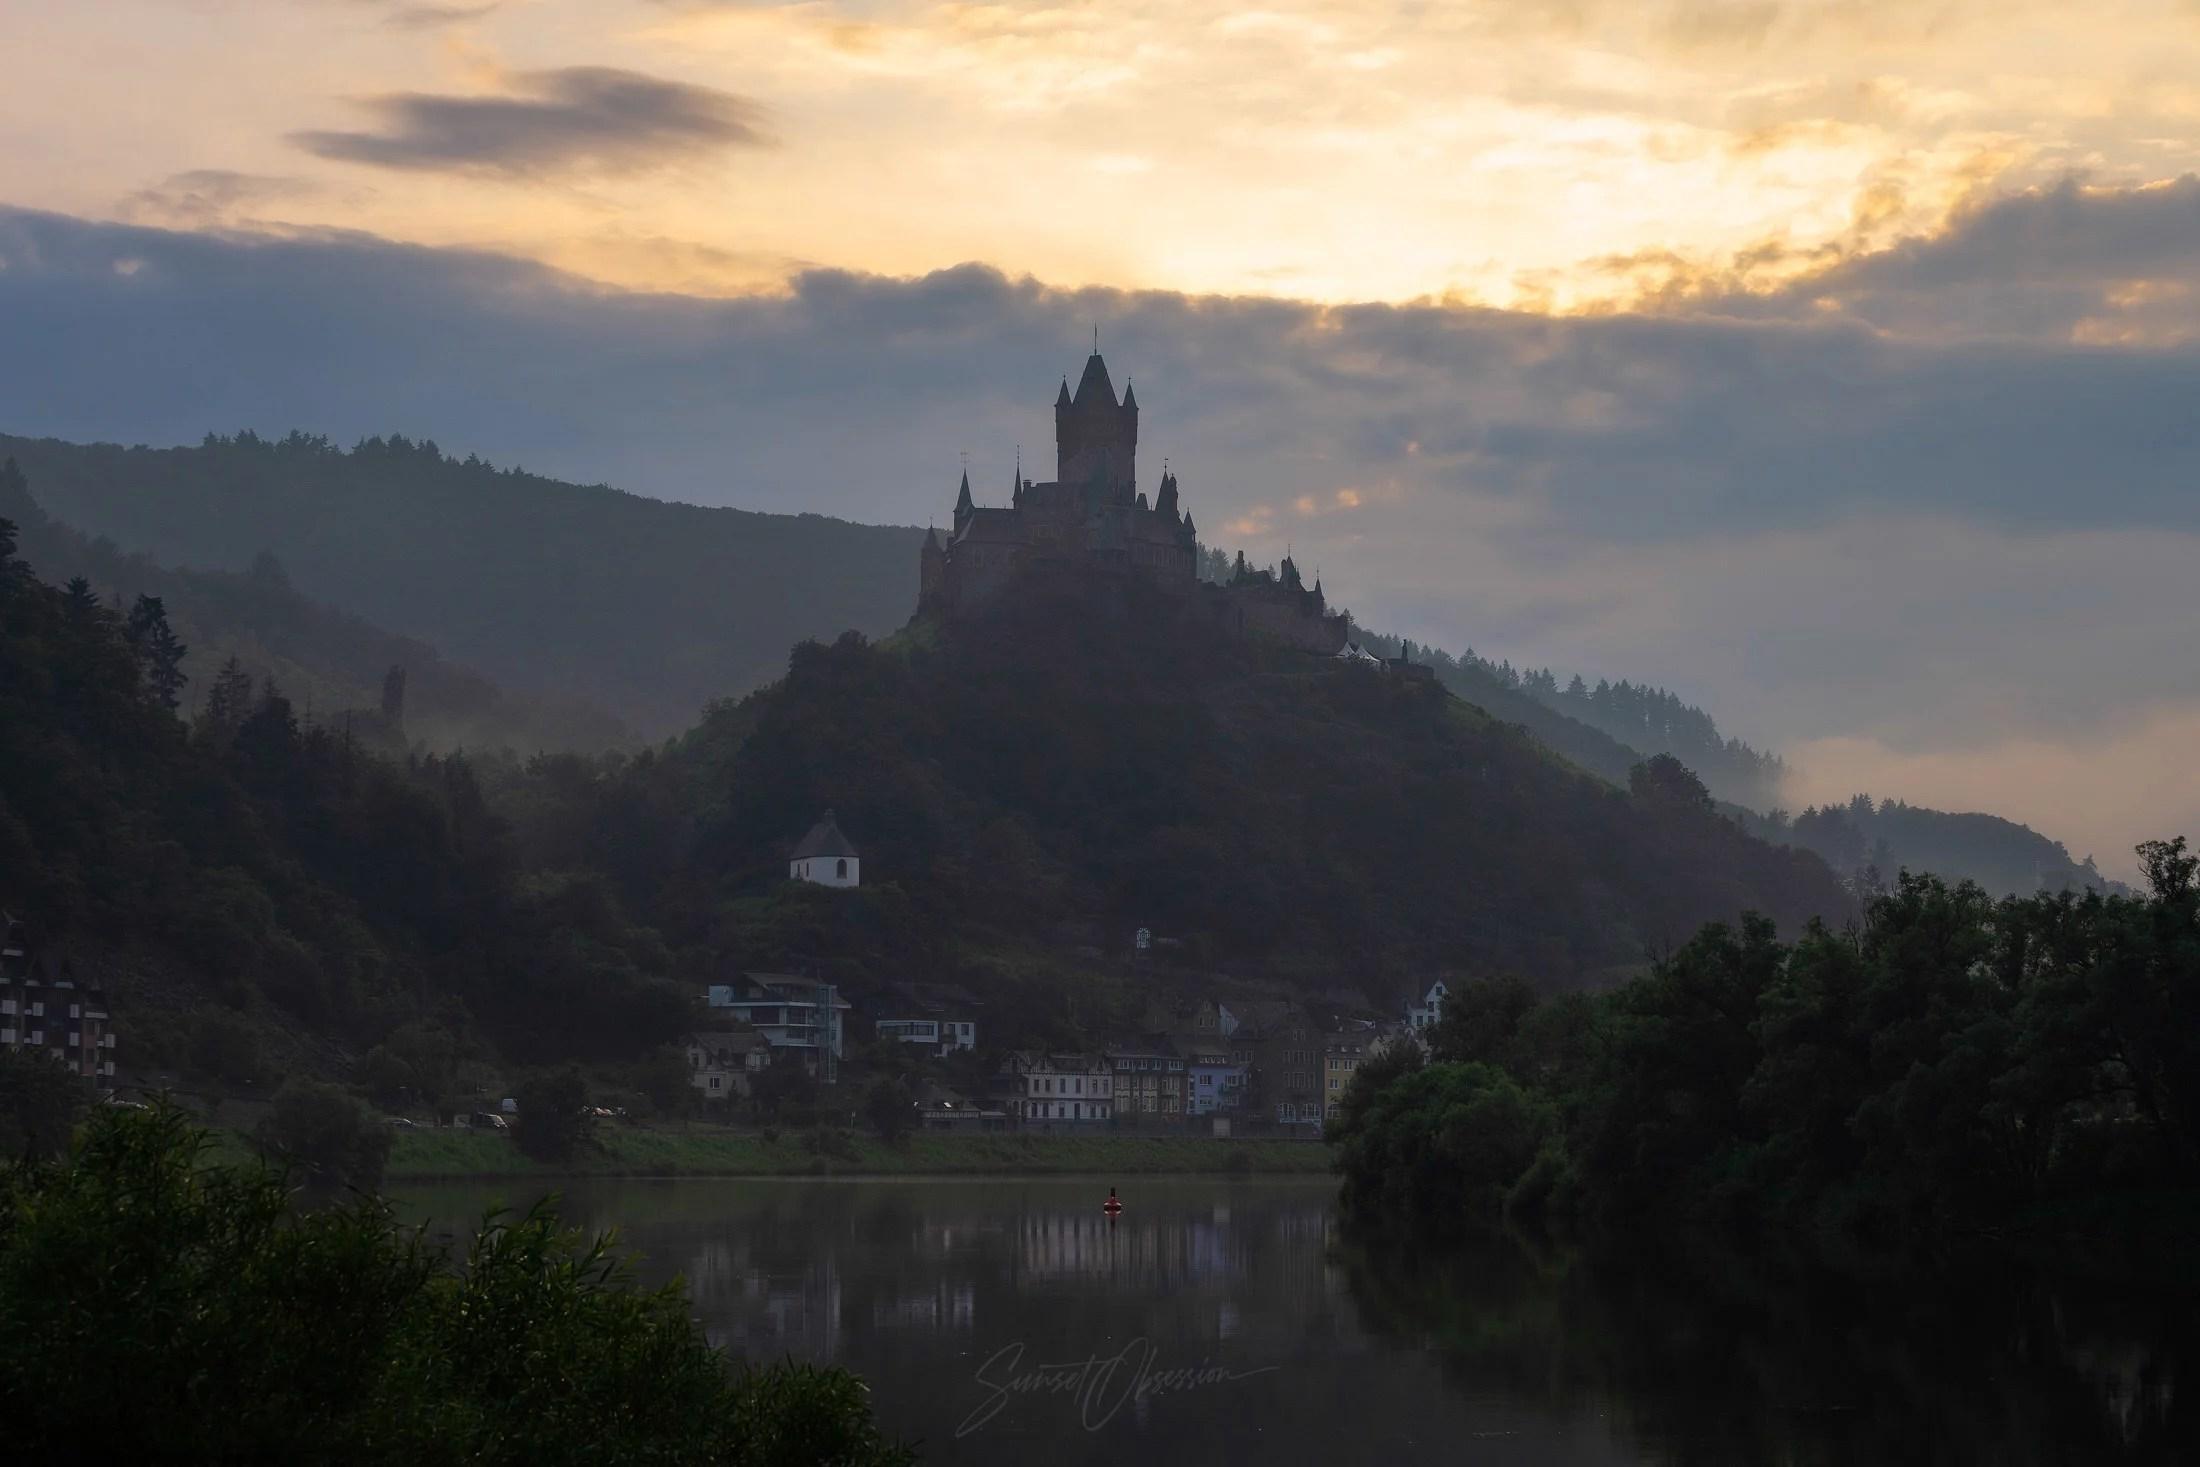 Имперский замок Кохем на реке Мозель